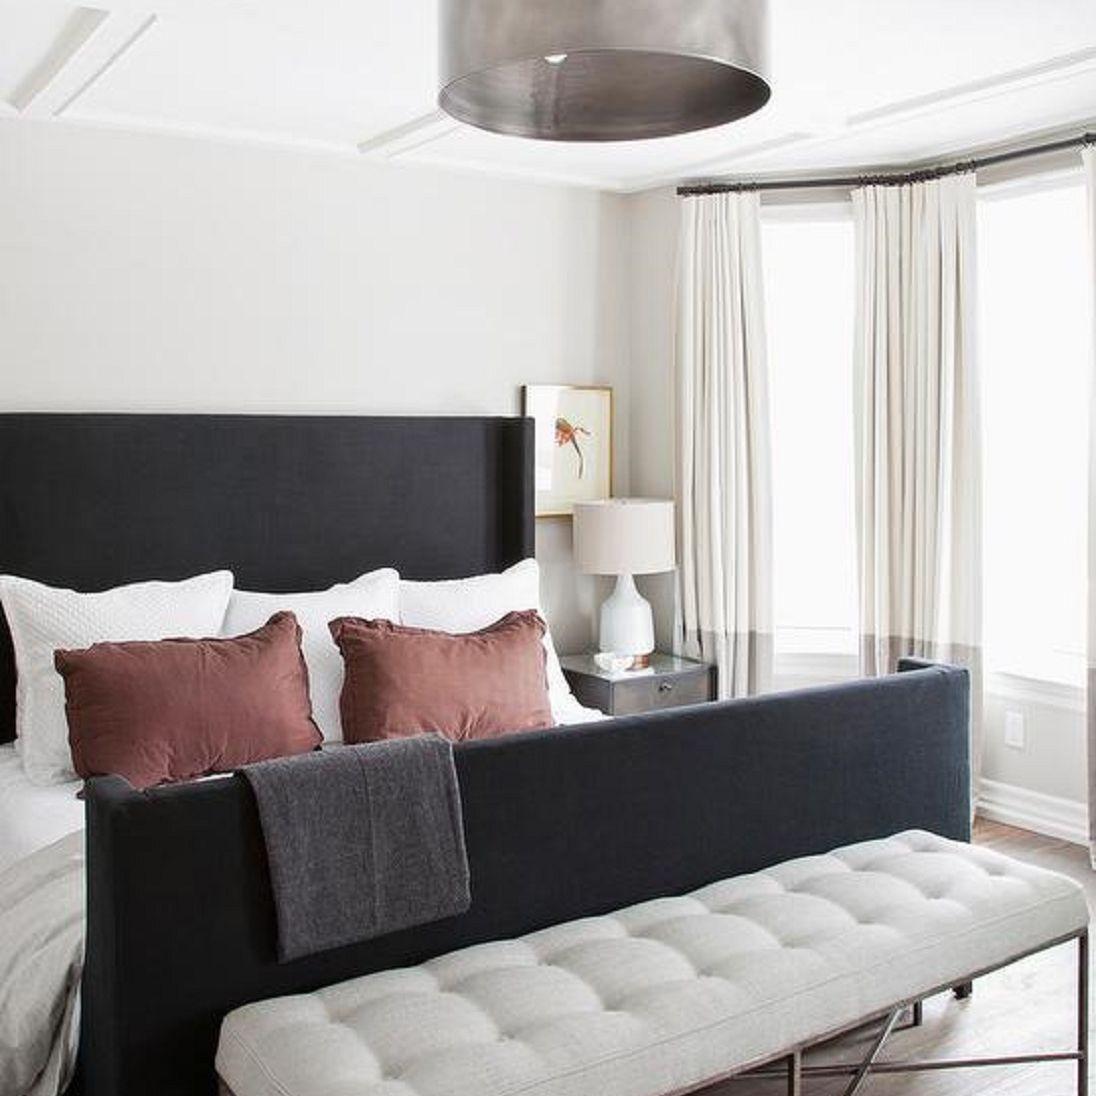 Bedroom with metal semi-flush-mount light fixture.